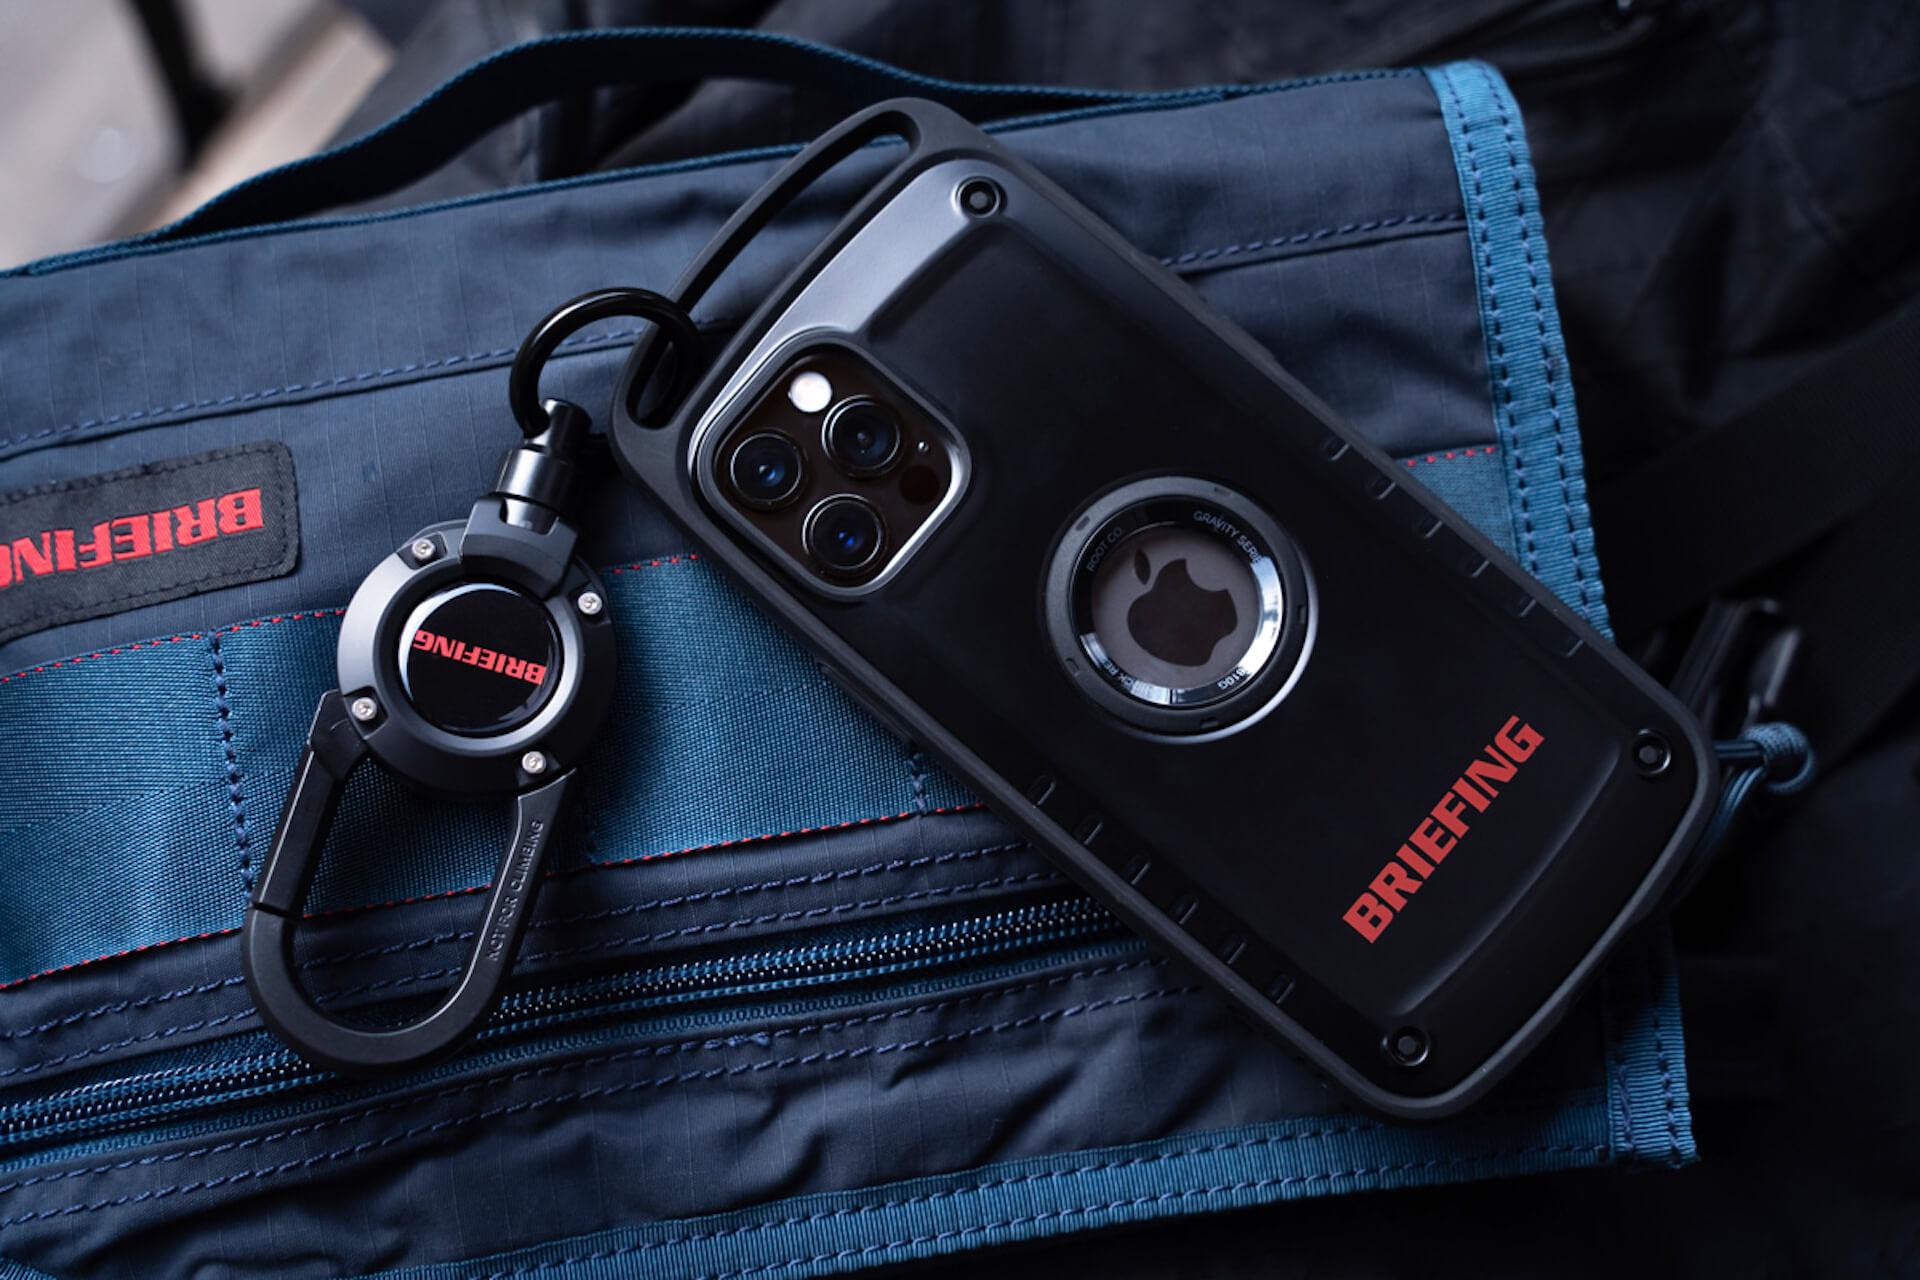 ROOTとBRIEFINGがコラボ!耐性試験に準拠したiPhone 12シリーズ用スマホケース&カラビナ付きキーホルダーが誕生 tech210219_root_briefing_5